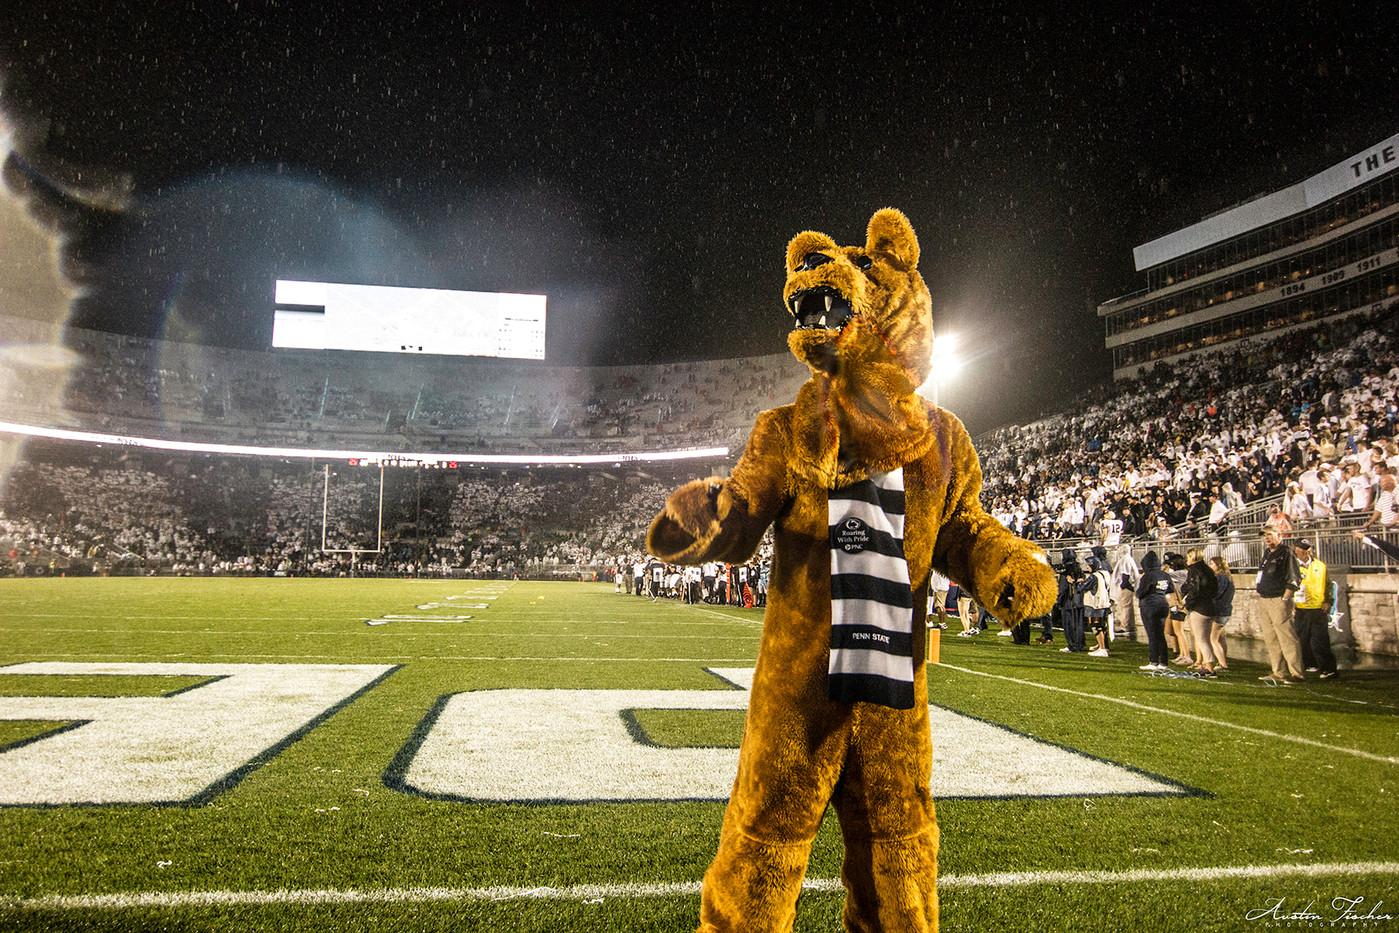 Rainy Night at Beaver Stadium